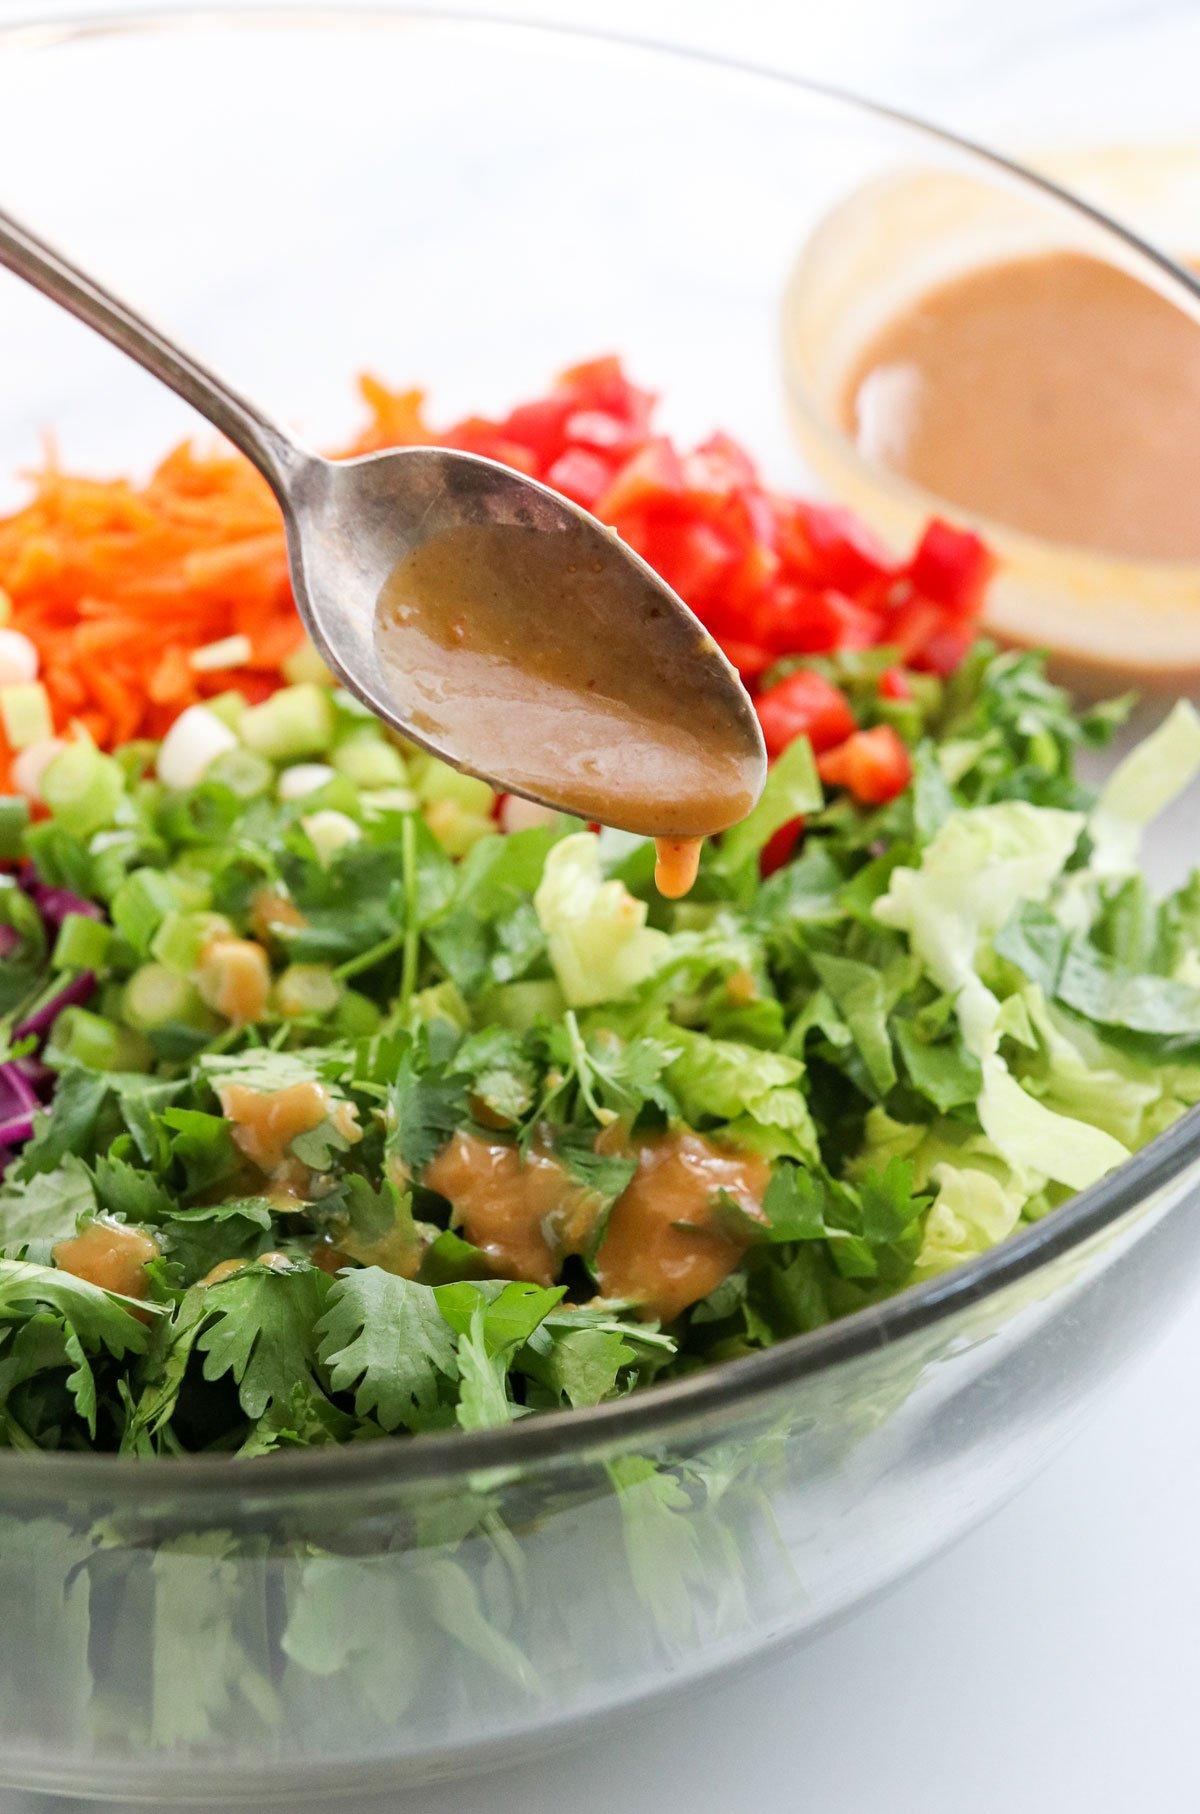 peanut salad dressing poured on salad